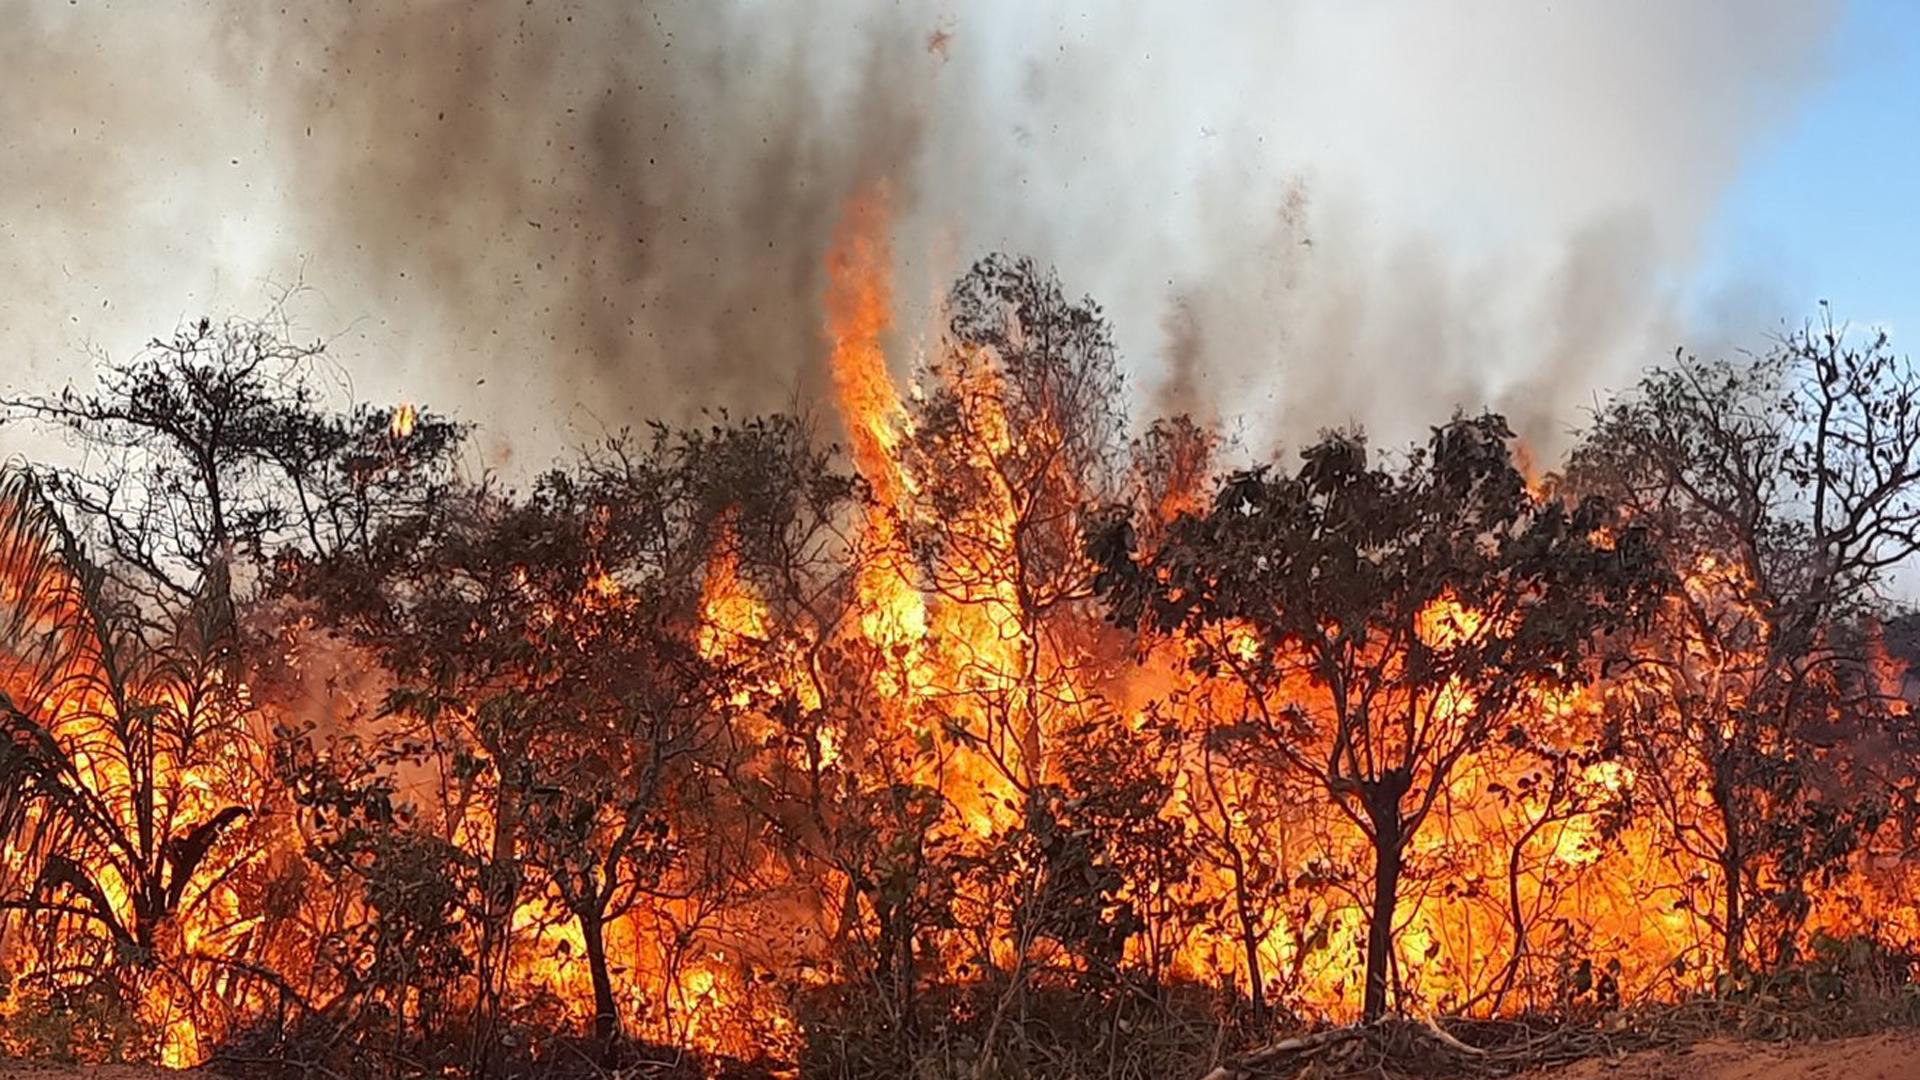 Bilder fragen brennenden mann ab foto 1